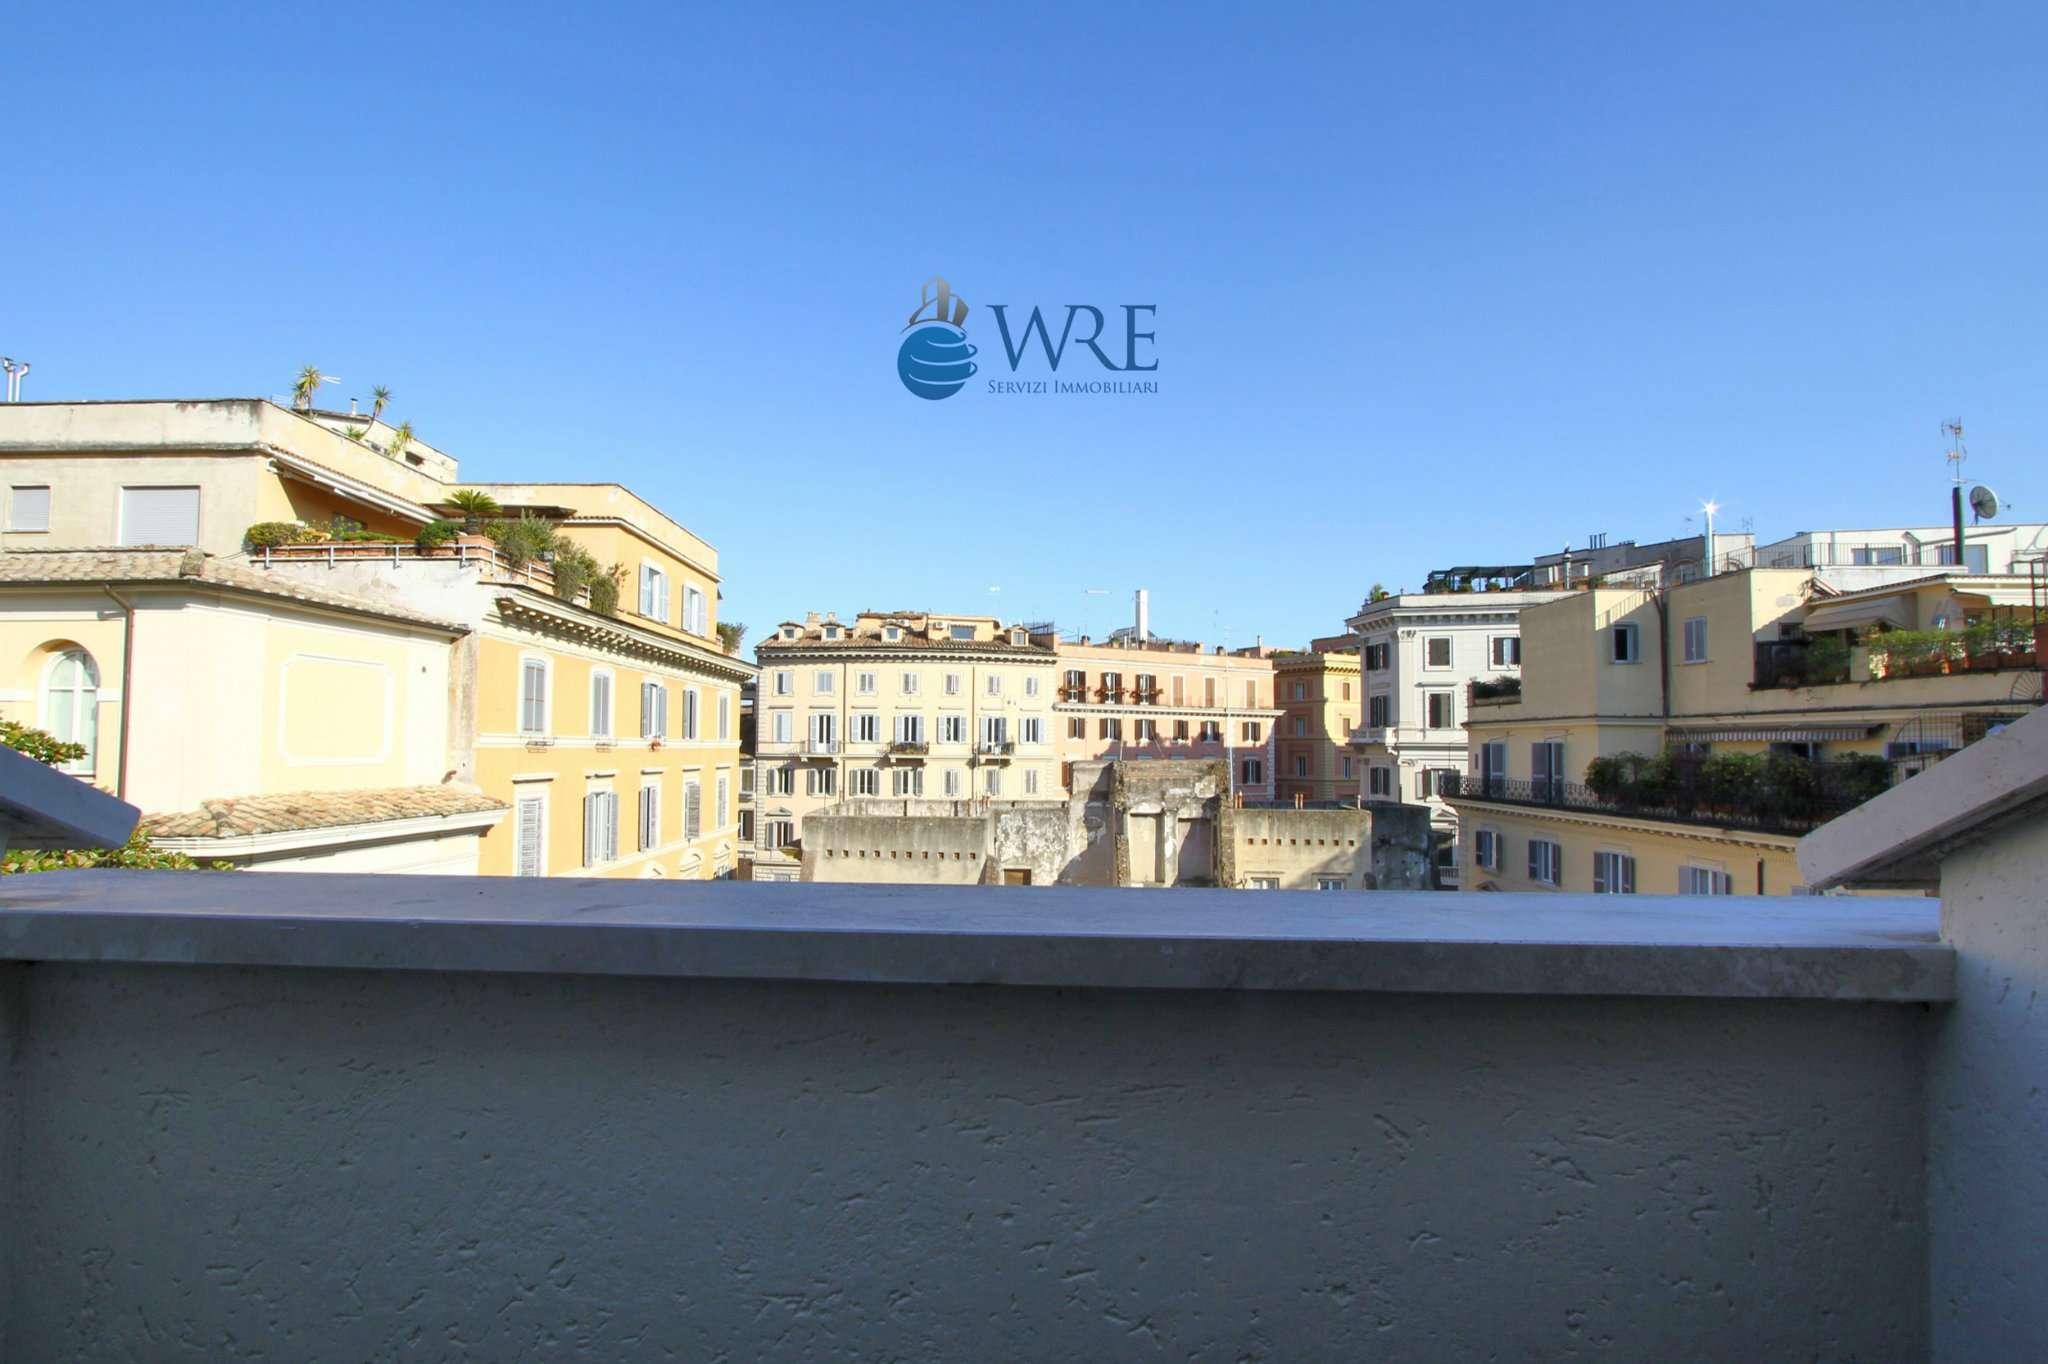 Attico / Mansarda in affitto a Roma, 2 locali, zona Zona: 1 . Centro storico, prezzo € 1.150   Cambio Casa.it